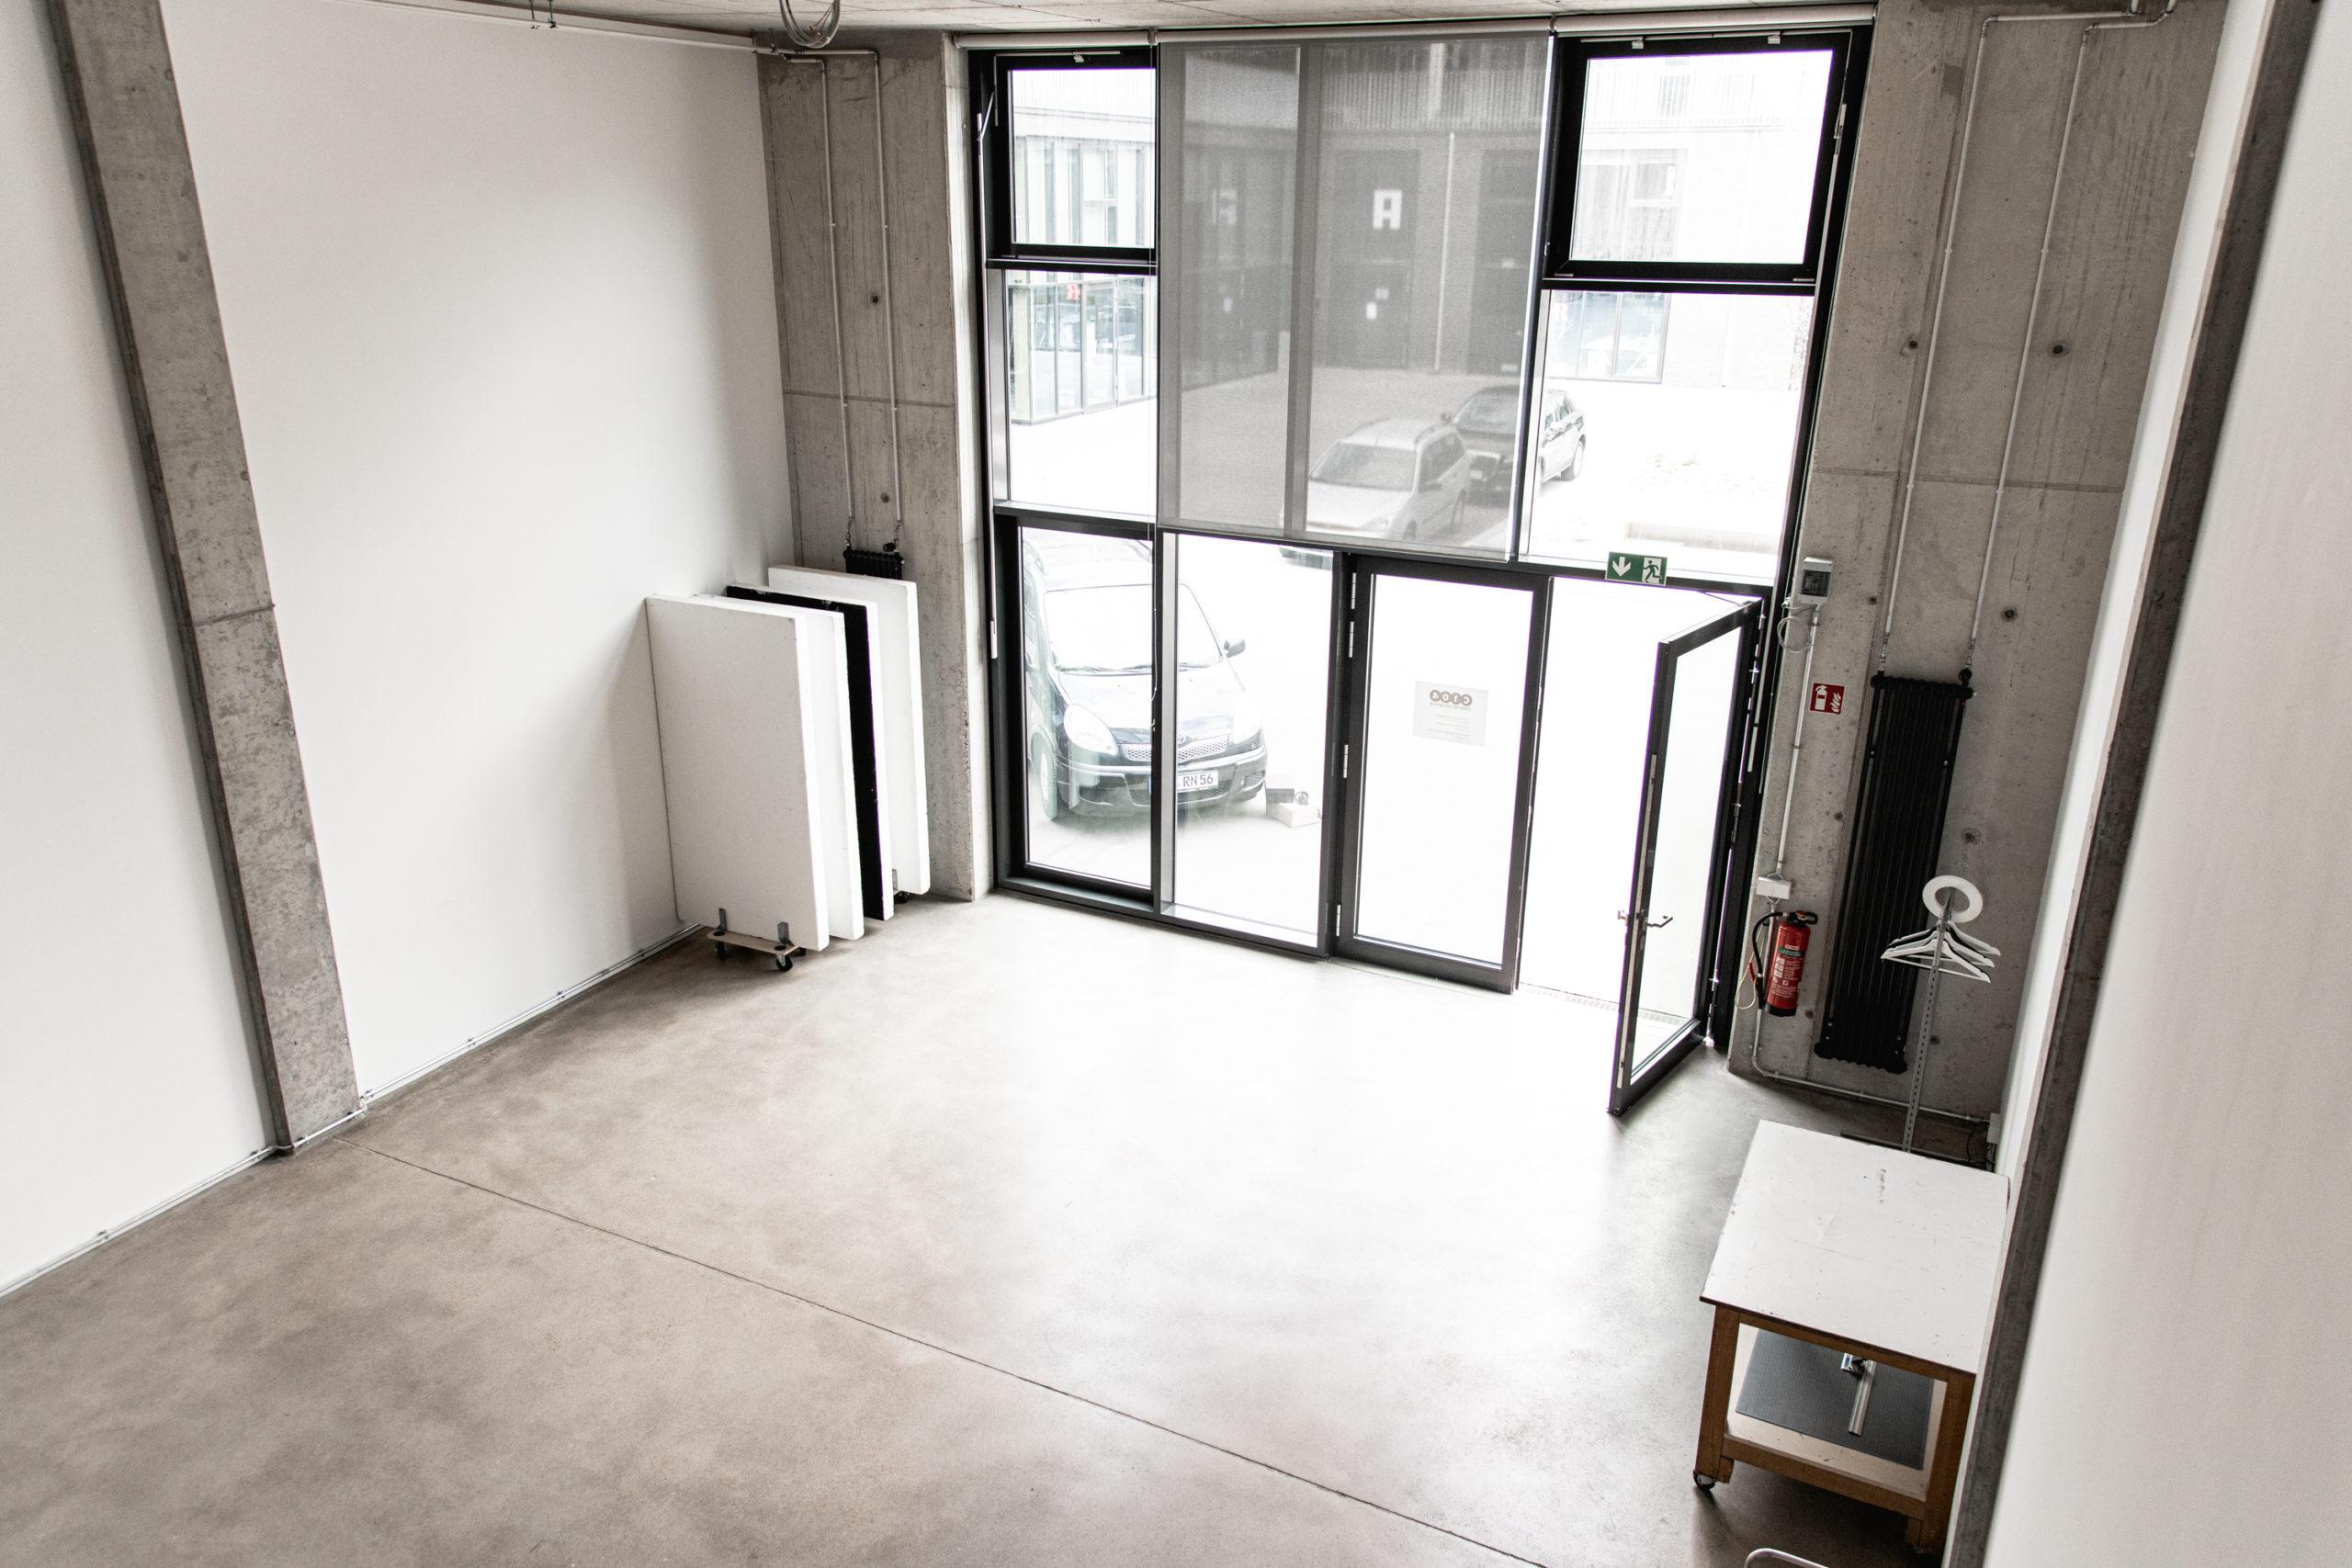 Studio C104